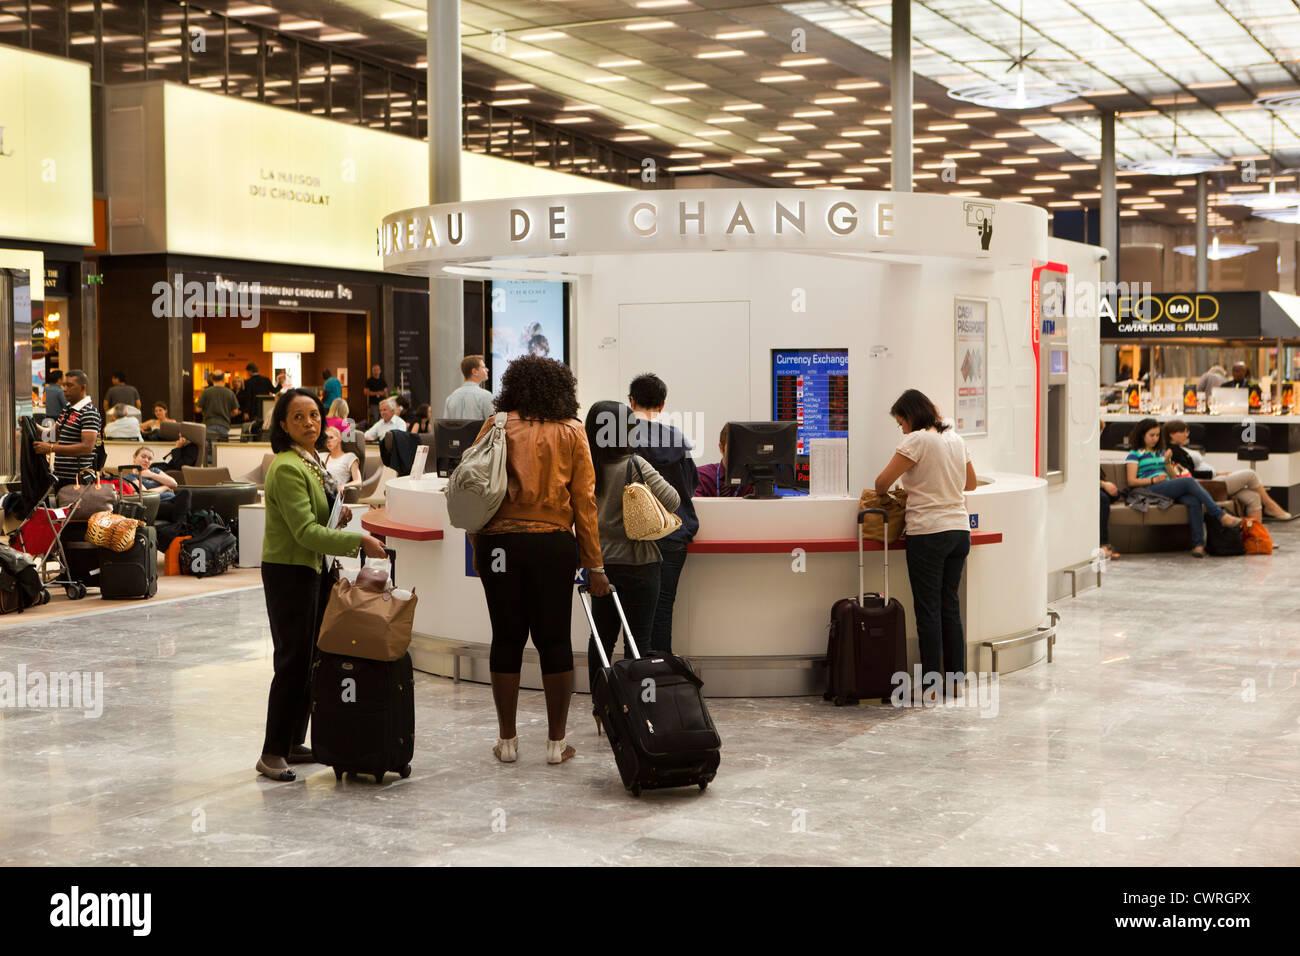 france paris charles de gaulle airport terminal 2e new m gates bureau de change